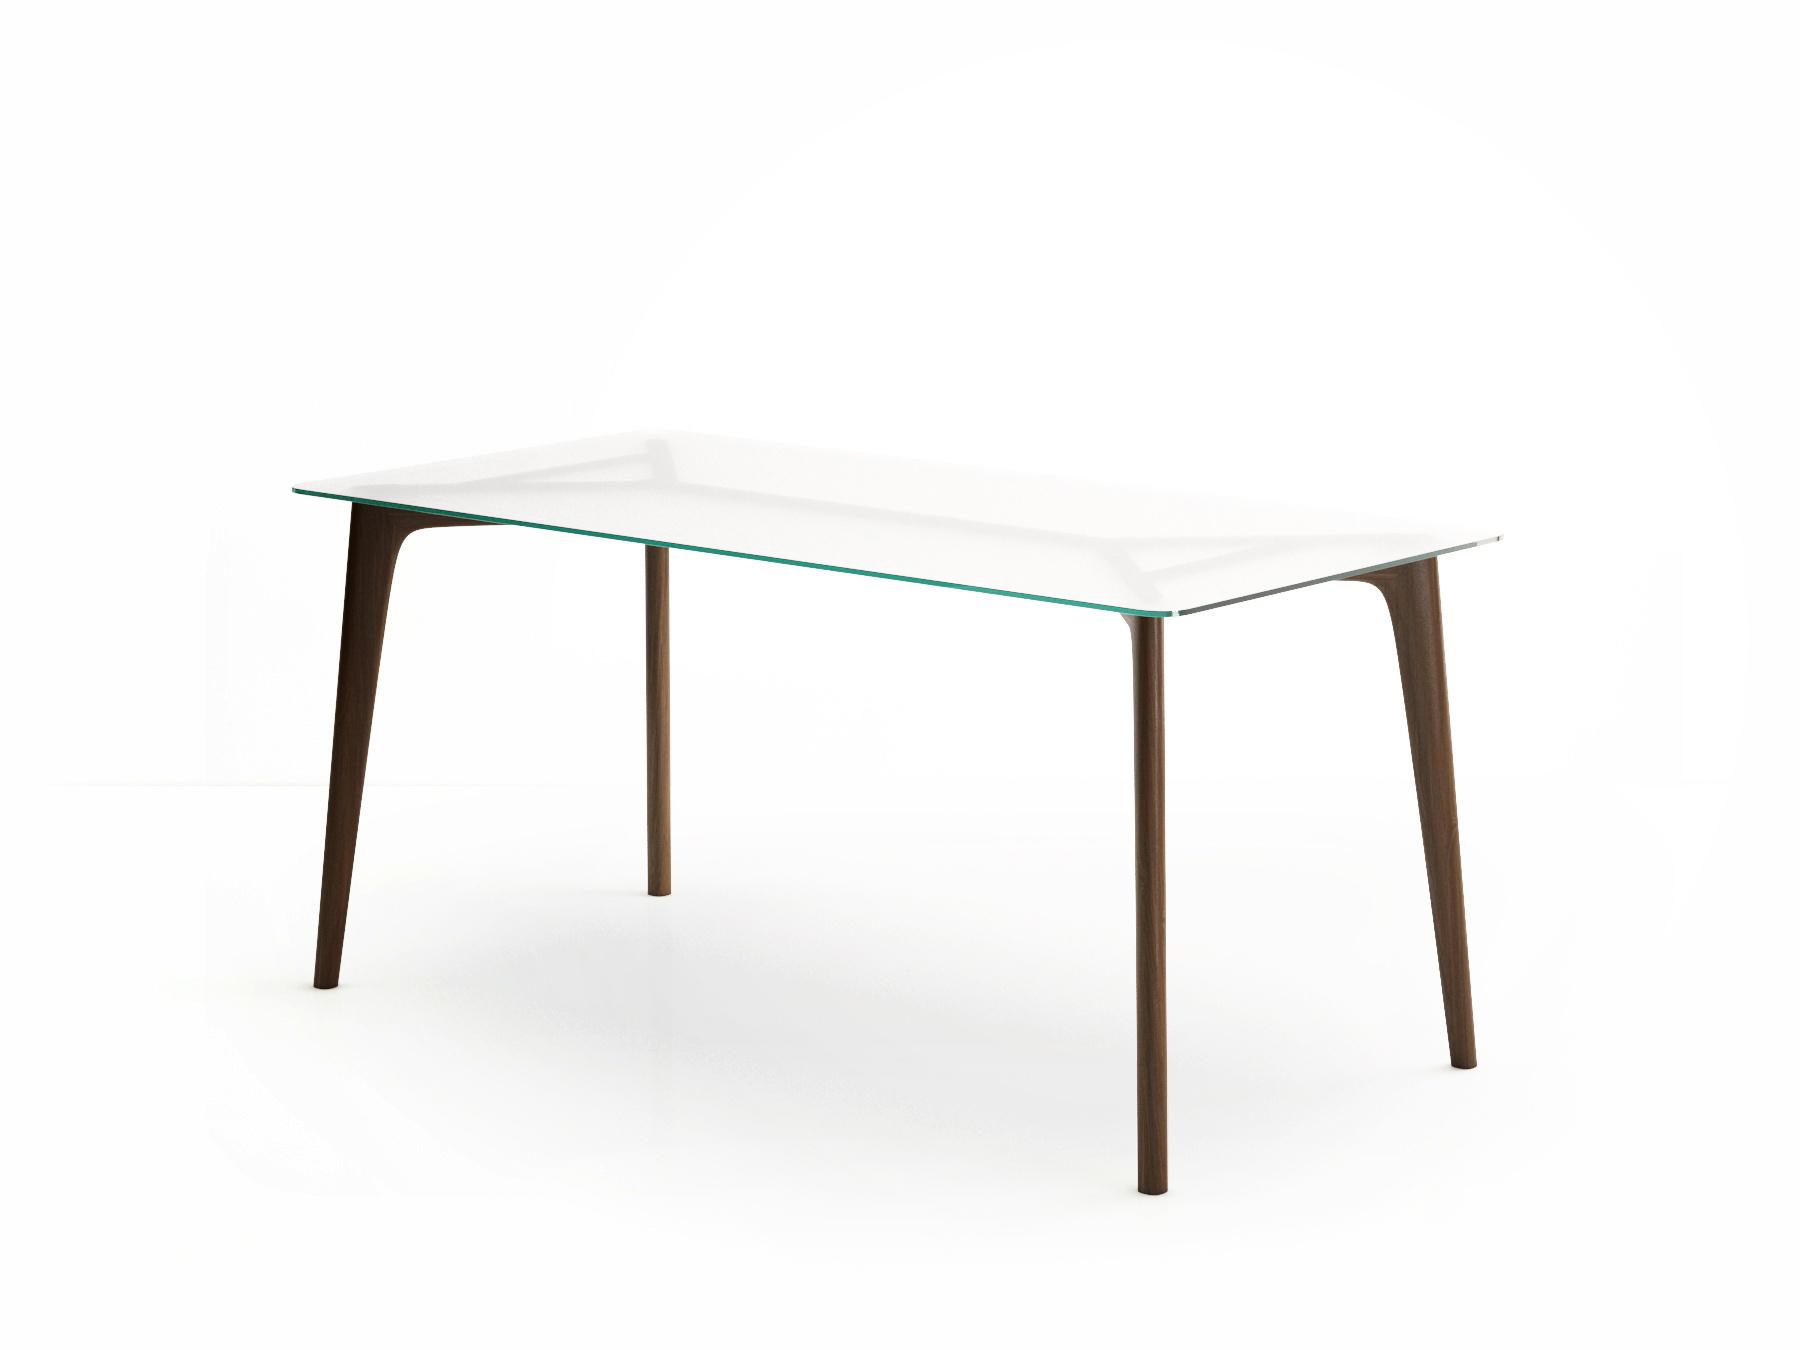 Обеденный стол FLOYDОбеденные столы<br>Обеденный стол FLOYD, объединяет в себе простоту, комфорт и индивидуальность.<br>Ножки выполнены из массива дуба и отвечают за его прочность.<br>столешница- матовое стекло, создающее ощущение легкости и невесомости.<br>Размеры стола позволяют комфортно разместится большому количеству людей.<br>Стол FLOYD доступен в пяти видах отделки: светлый дуб, темный дуб, дуб венге, беленый дуб, дуб орех.&amp;lt;div&amp;gt;&amp;lt;br&amp;gt;&amp;amp;nbsp;<br><br>&amp;lt;div&amp;gt;Информация о комплекте&amp;lt;a href=&amp;quot;https://www.thefurnish.ru/shop/mebel/mebel-dlya-doma/komplekty-mebeli/66436-obedennaya-gruppa-floyd-stol-plius-6-stula&amp;quot;&amp;gt;&amp;lt;b&amp;gt;&amp;amp;gt;&amp;amp;gt; Перейти&amp;lt;/b&amp;gt;&amp;lt;/a&amp;gt;<br>&amp;lt;/div&amp;gt;<br>&amp;lt;/div&amp;gt;<br><br>Material: Стекло<br>Ширина см: 160<br>Высота см: 80<br>Глубина см: 75